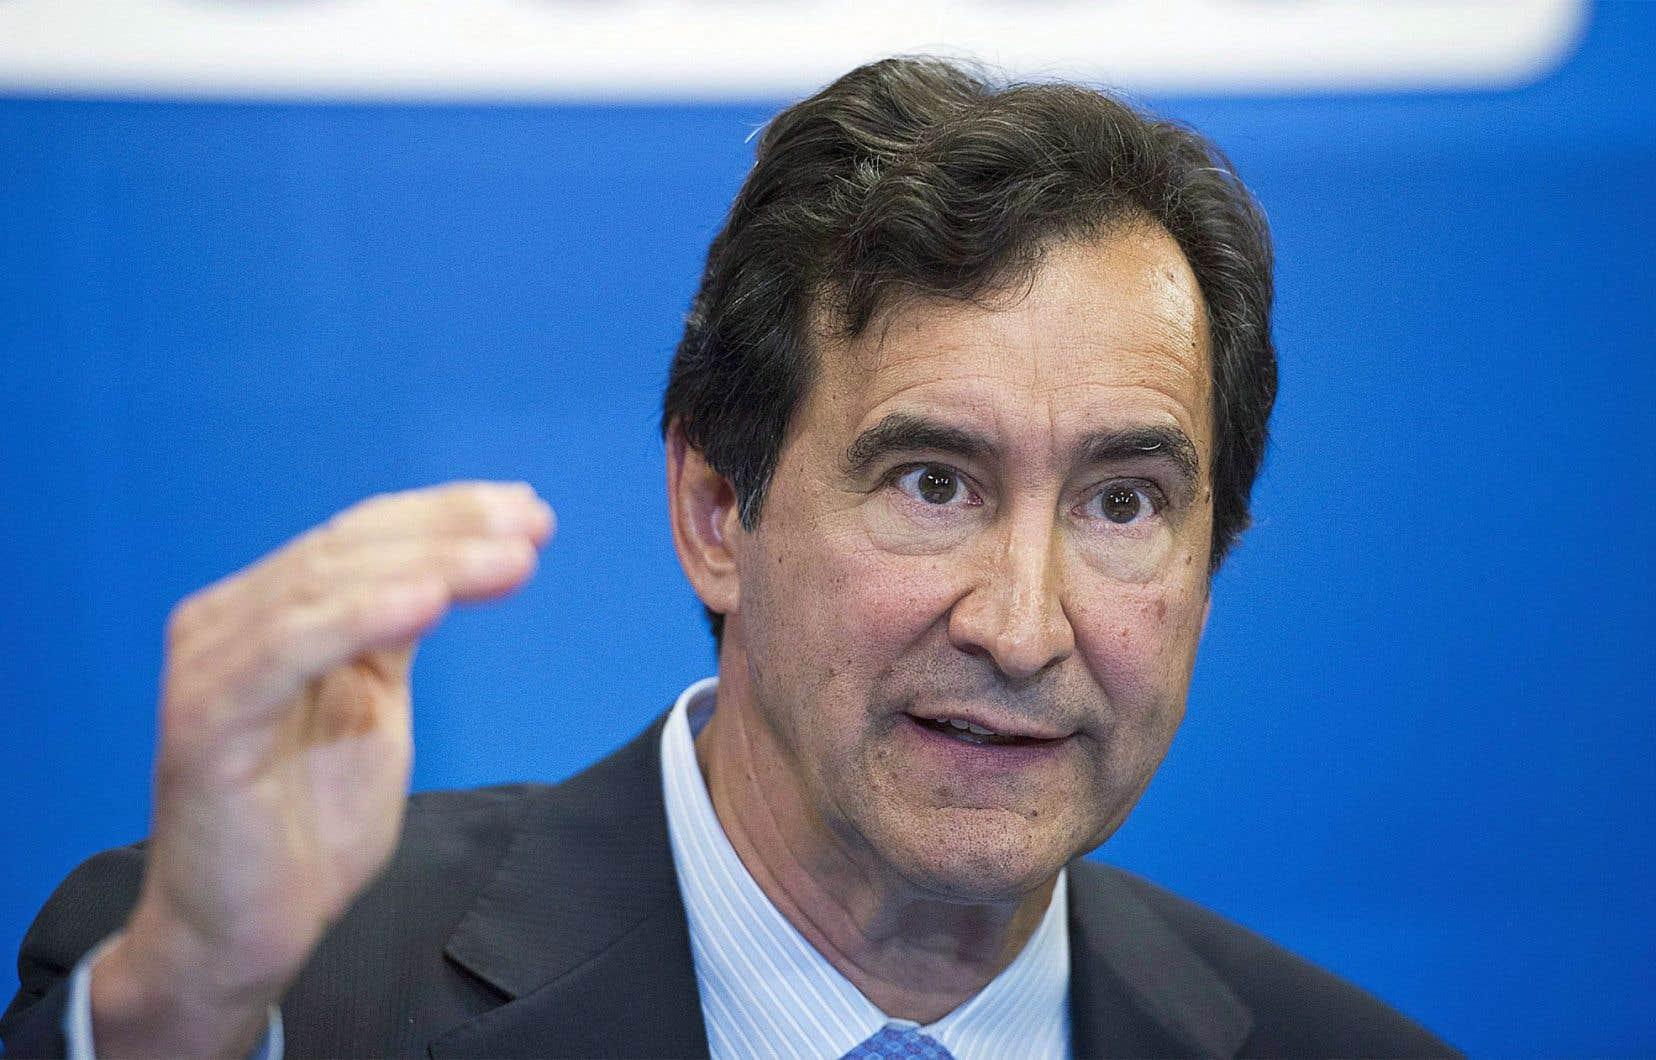 Les interventions du gouvernement libéral déstabilisent l'industrie de la pharmacie, dit François Coutu, président et chef de la direction du Groupe Jean Coutu.